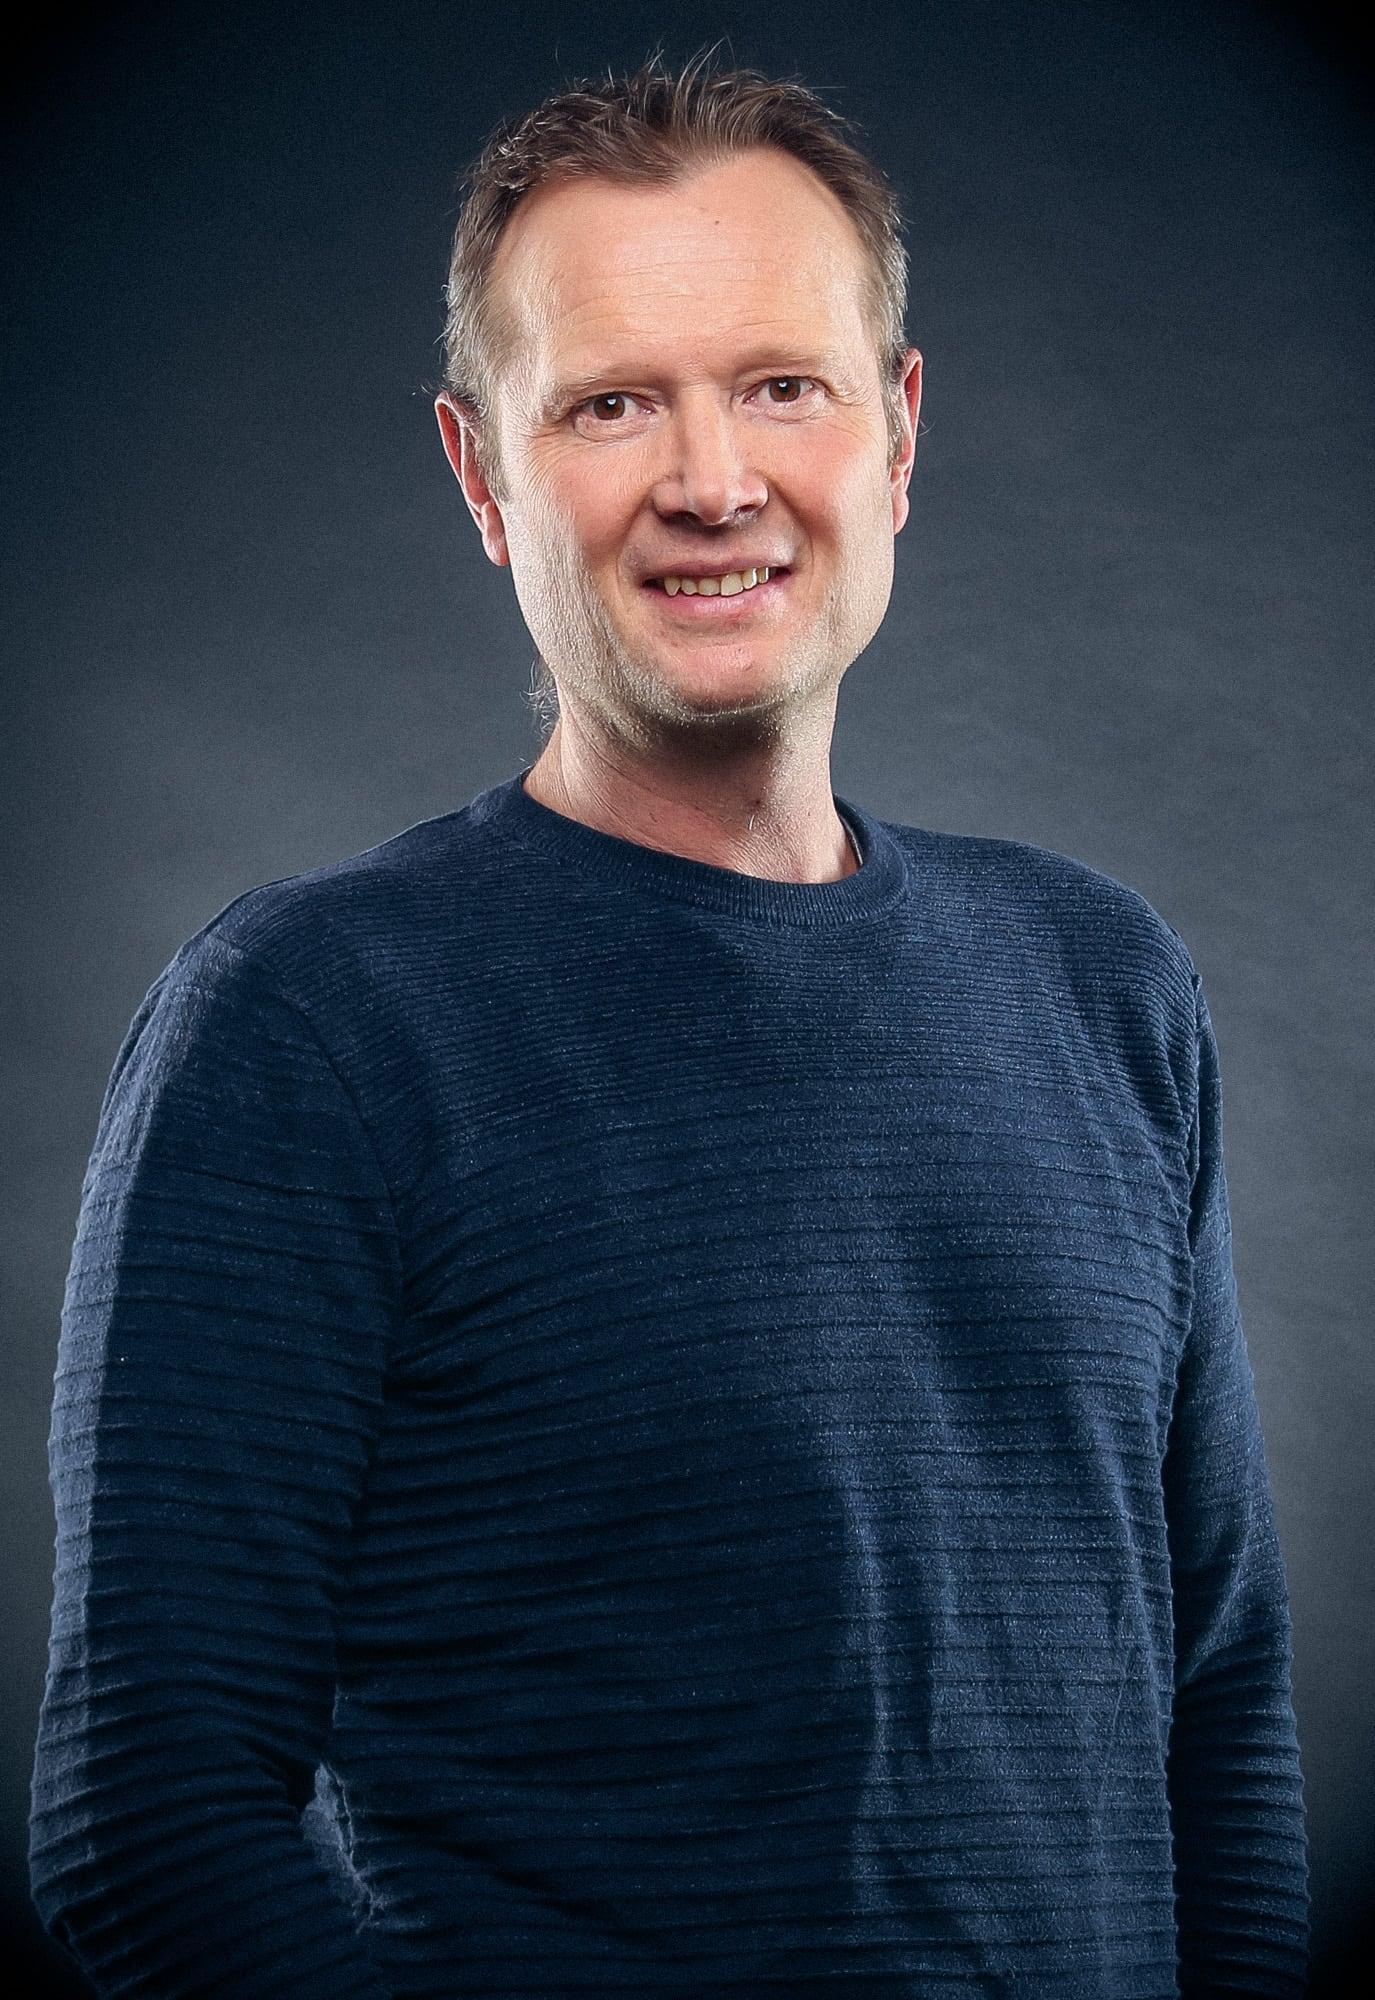 David Carpentier